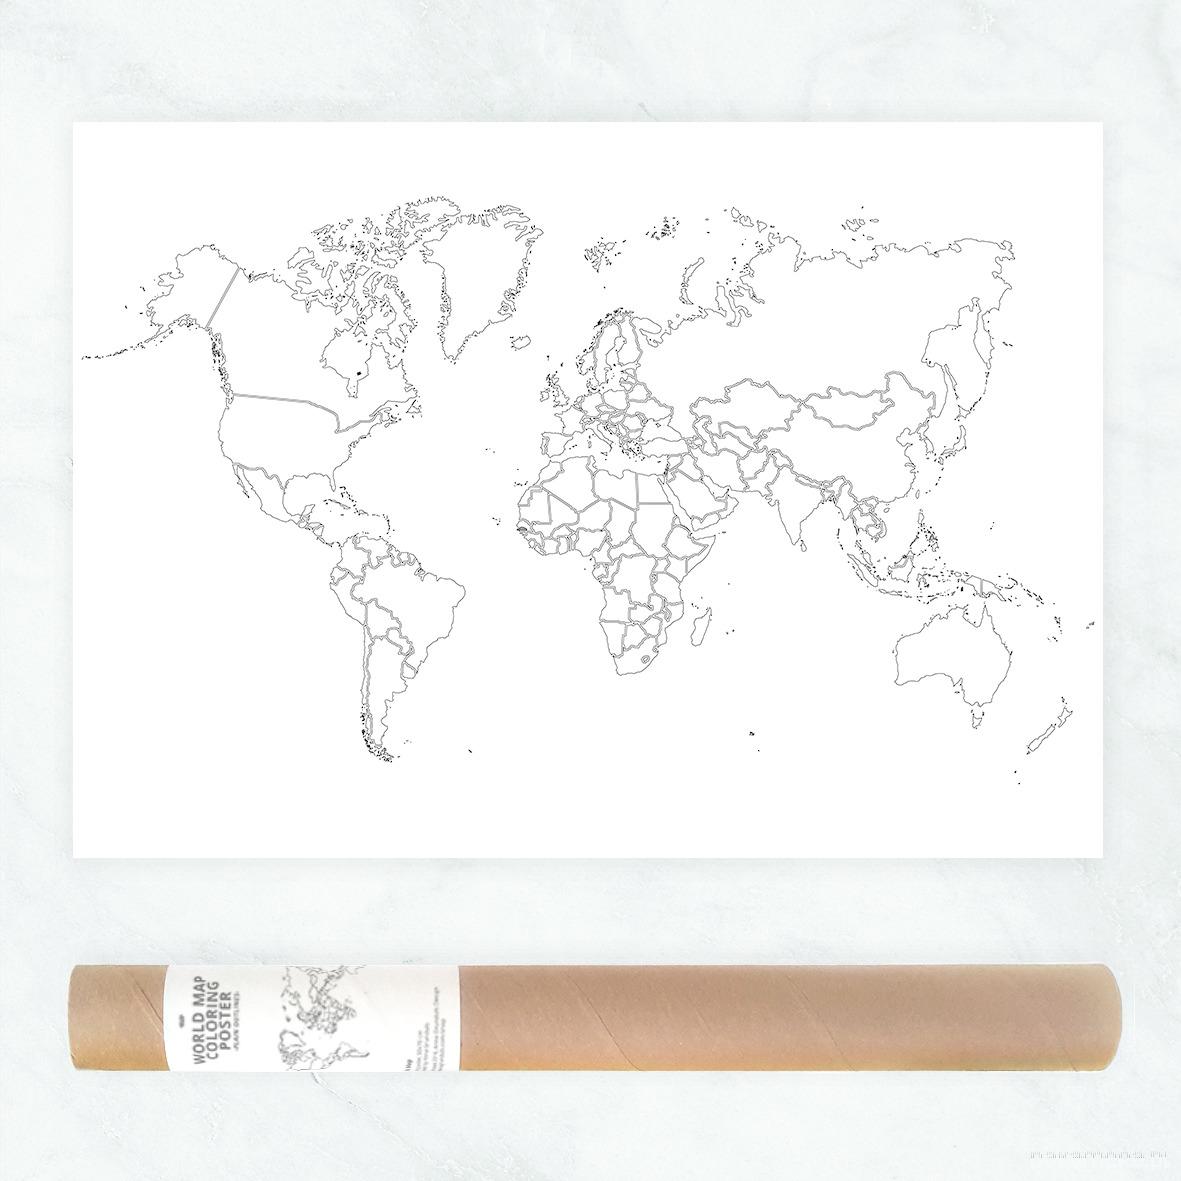 Konturowa Mapa świata Plakat Do Kolorowania Grafiki I Ilustracje